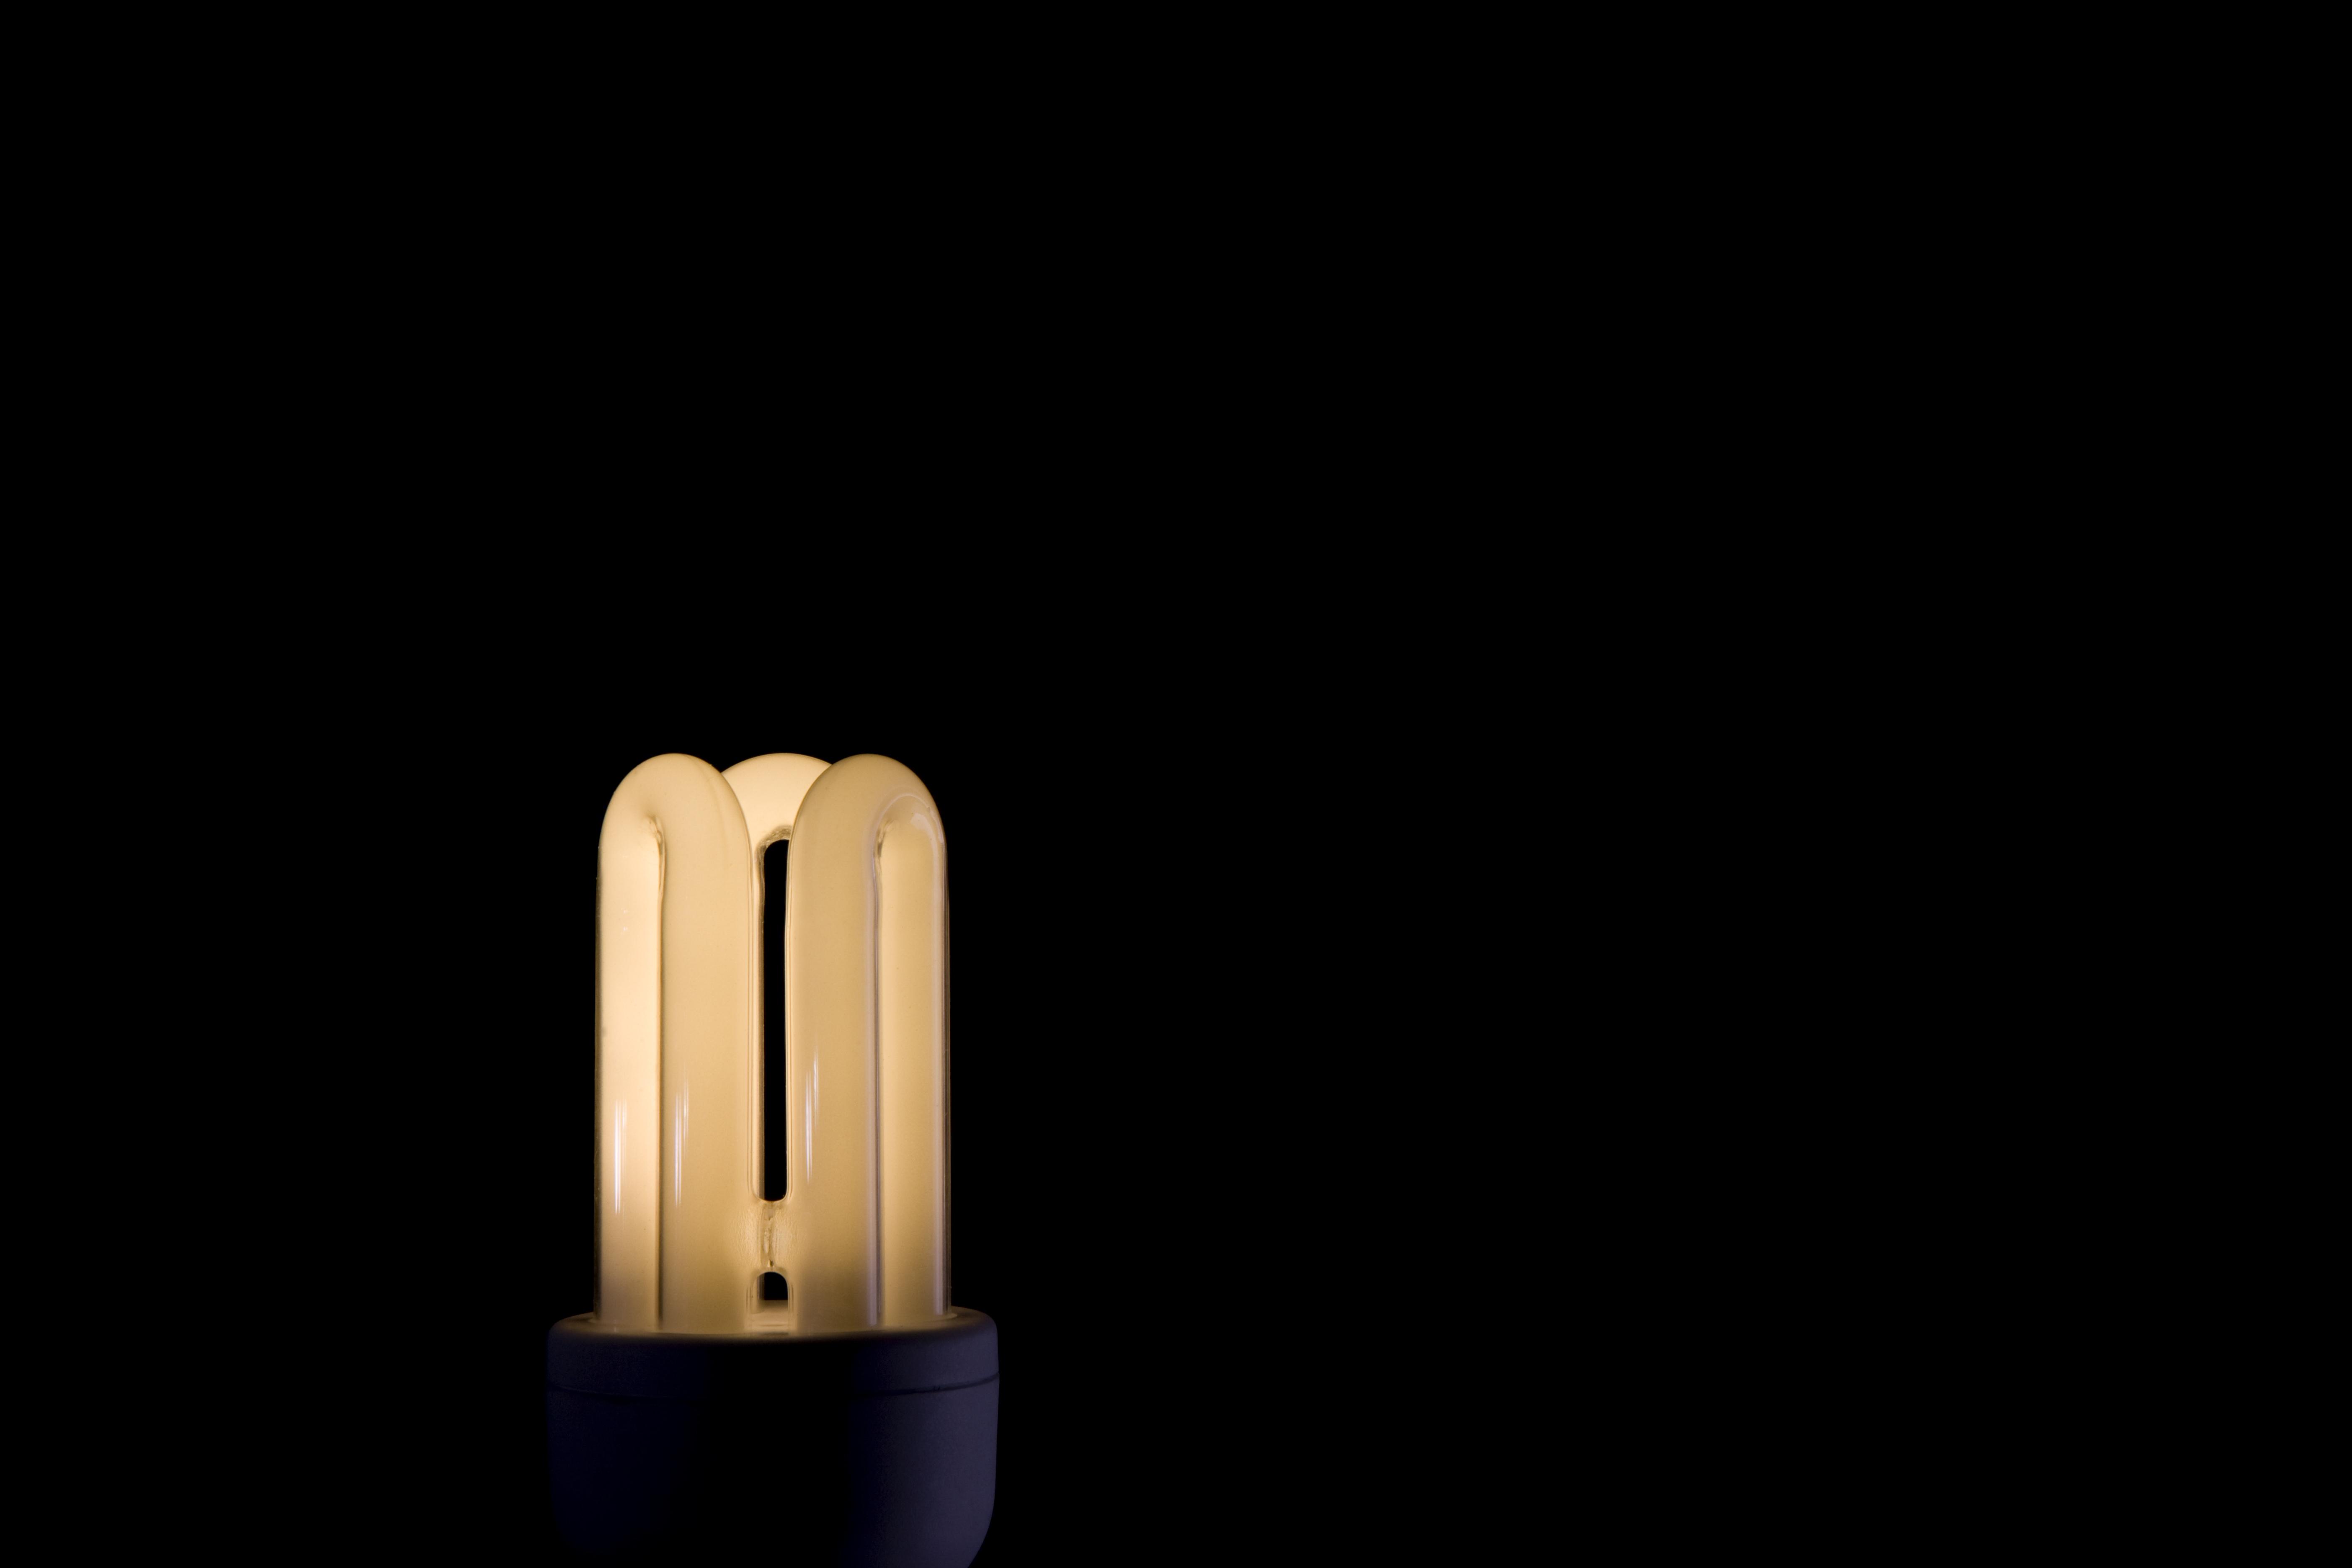 hay que diferenciar entre las bombillas incandescentes y las fluorescentes